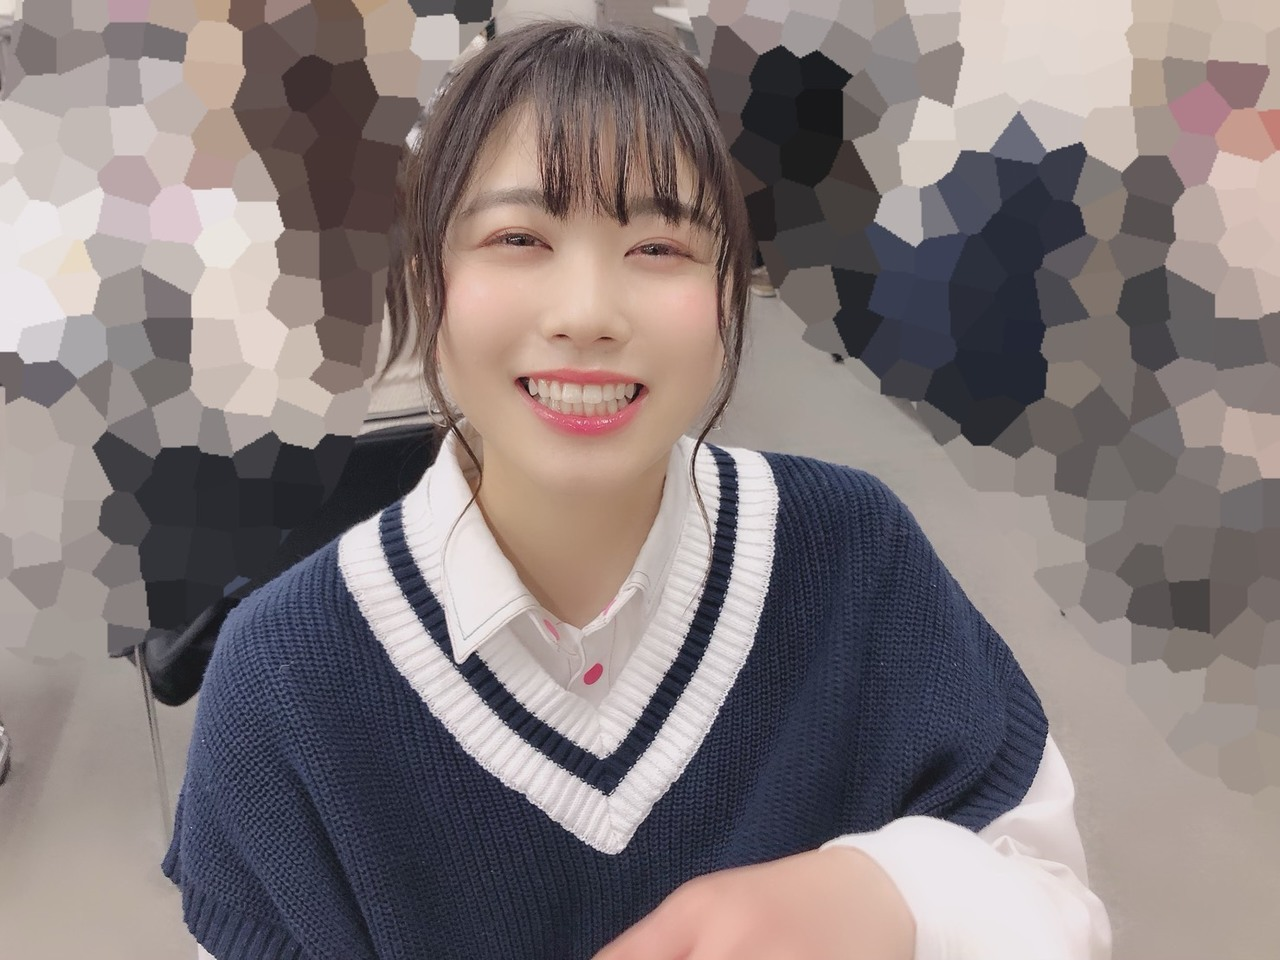 【日向坂46】丹生明里応援スレ★9【にぶちゃん】 YouTube動画>1本 ->画像>653枚